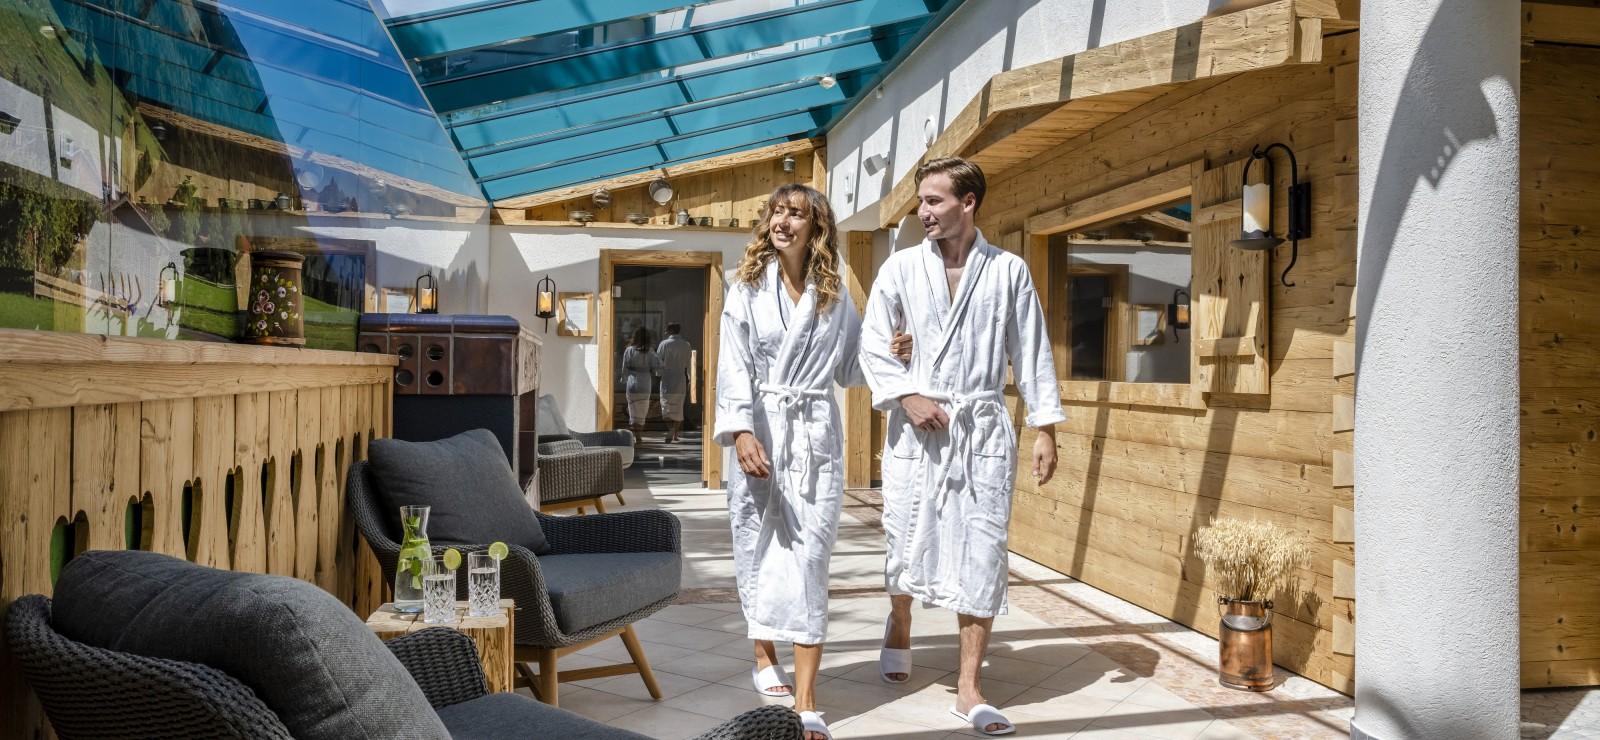 Best Western Plus Hotel Erb Bilder | Bild 1